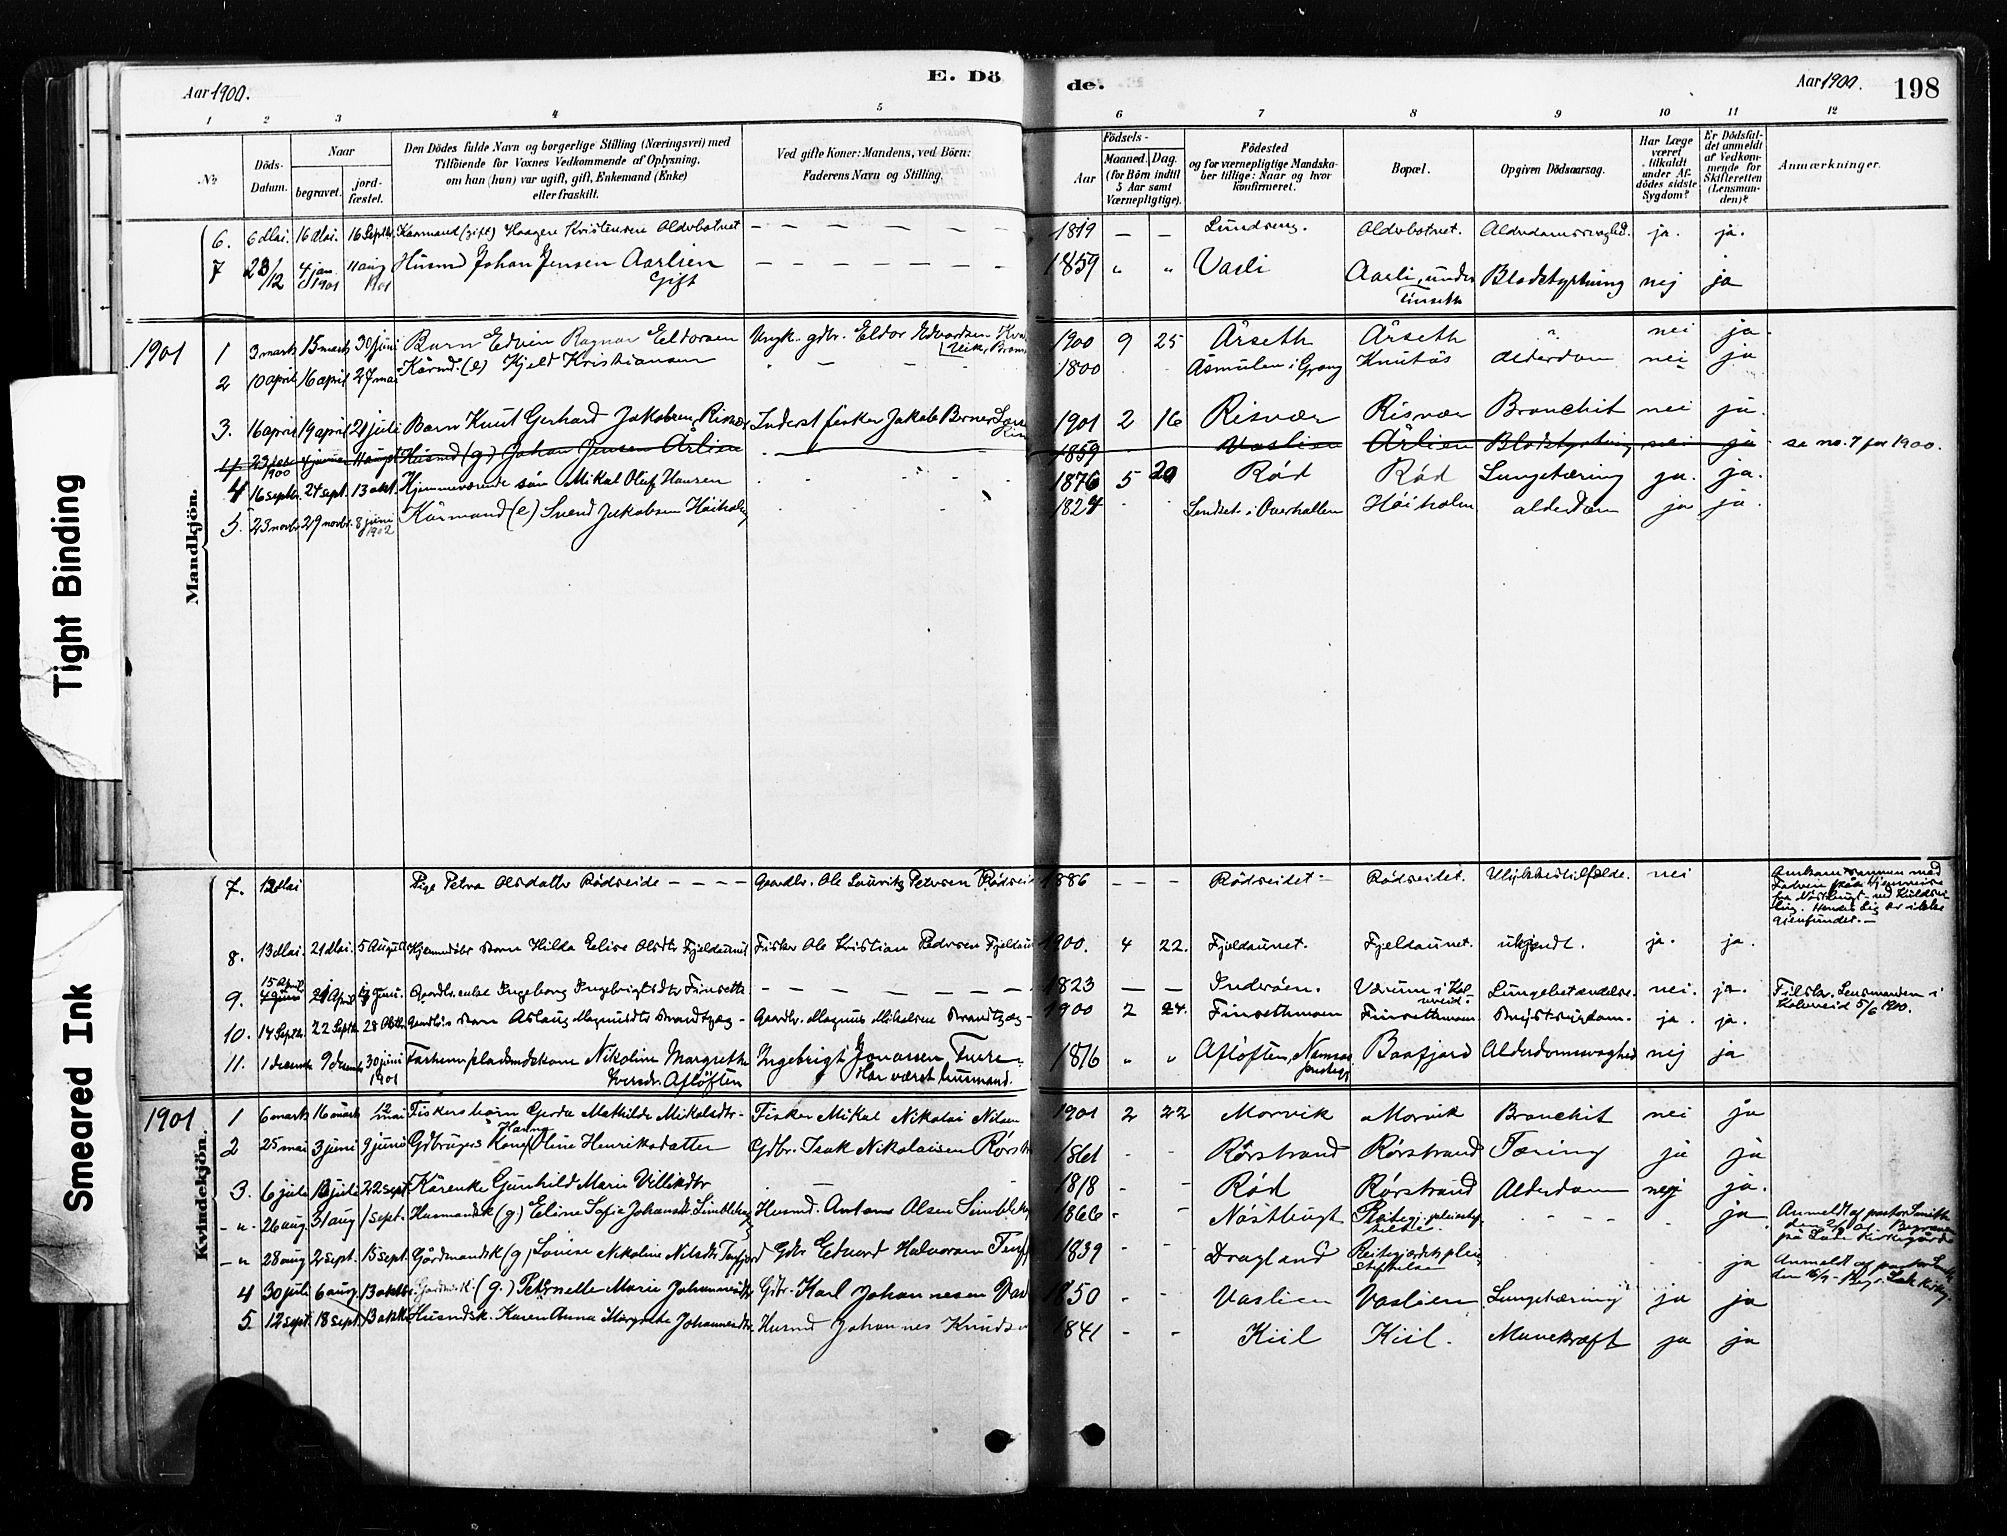 SAT, Ministerialprotokoller, klokkerbøker og fødselsregistre - Nord-Trøndelag, 789/L0705: Ministerialbok nr. 789A01, 1878-1910, s. 198